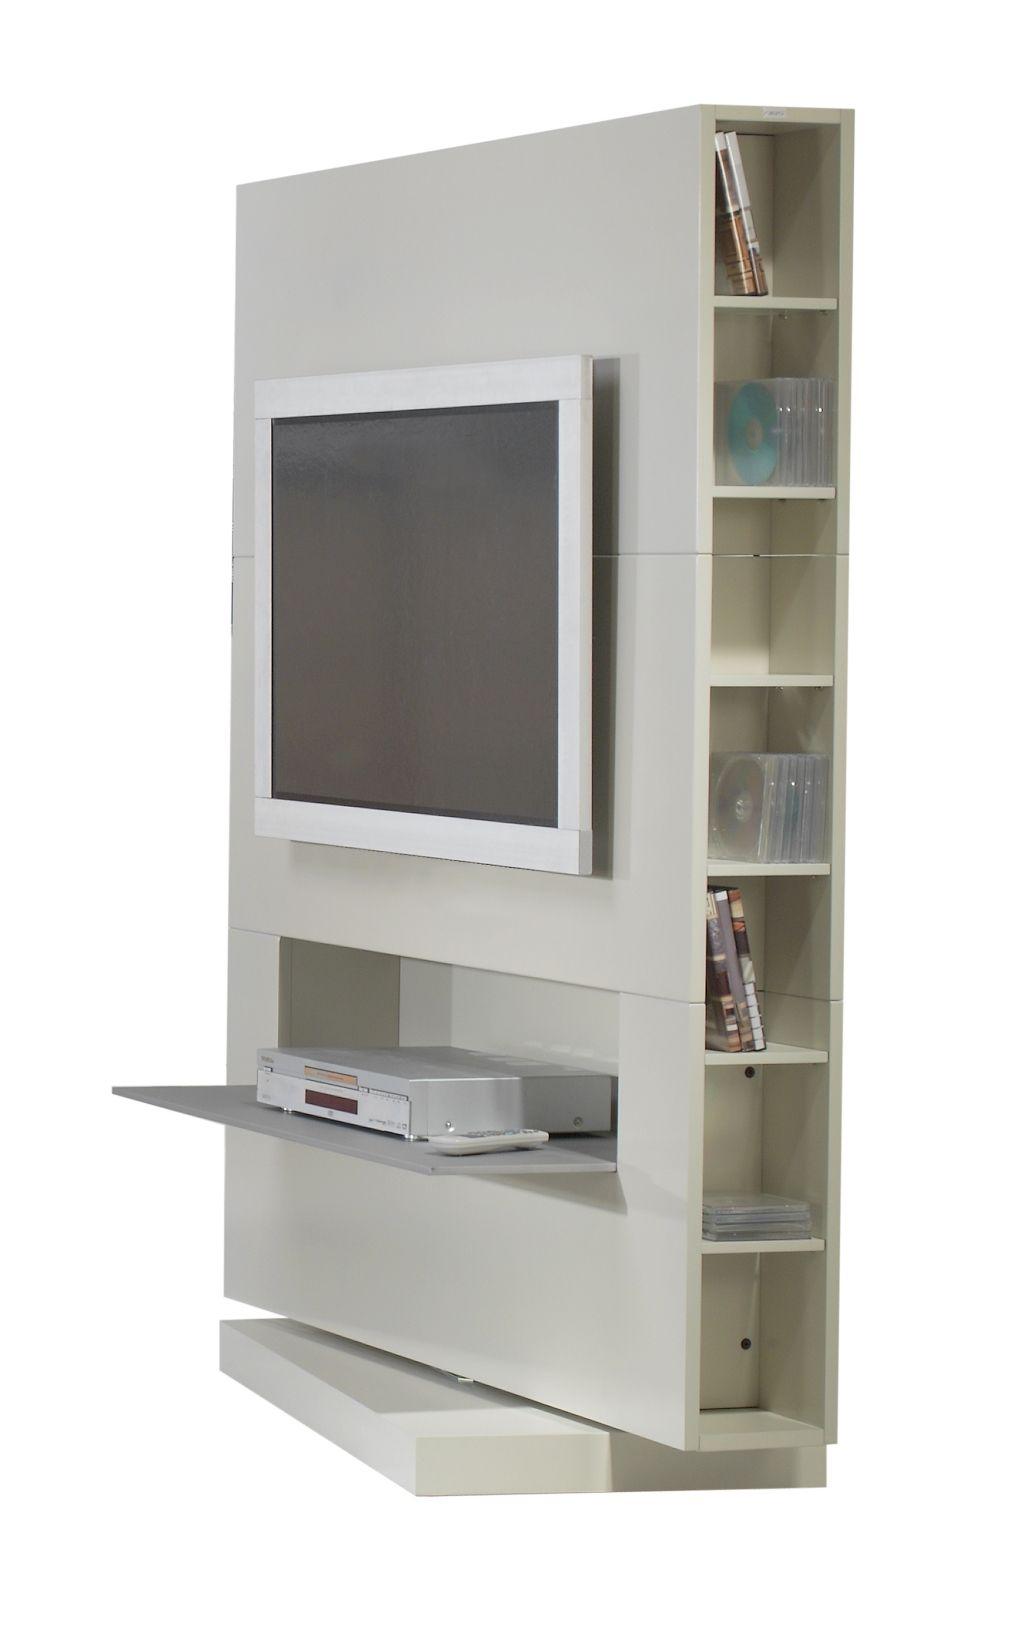 Meuble Tv Design Contemporain Et Moderne Tempo 7 Meuble Tv Design Meuble Tv Destockage Meuble